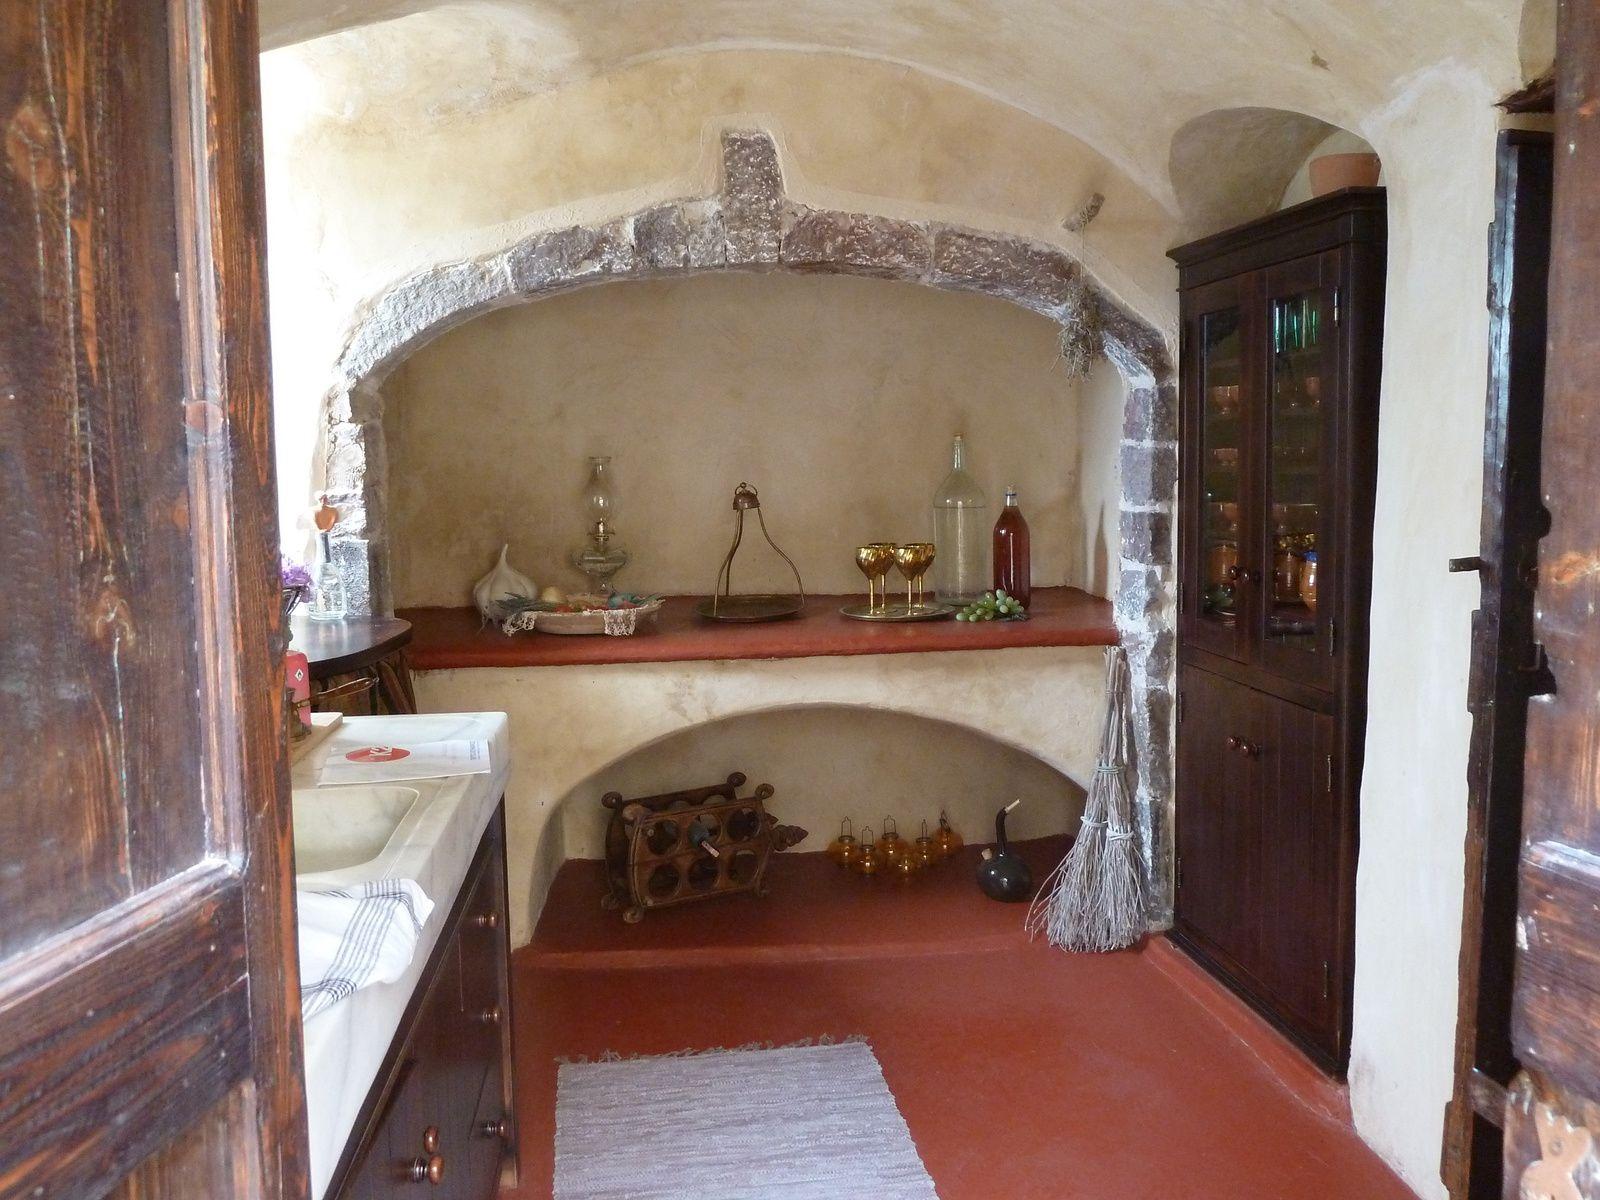 La tour abrite une collection est un atelier de Tsabouna, un instrument a vent traditionnel grec de la famille des cornemuses ainsi que des percussions et flûtes grecques.